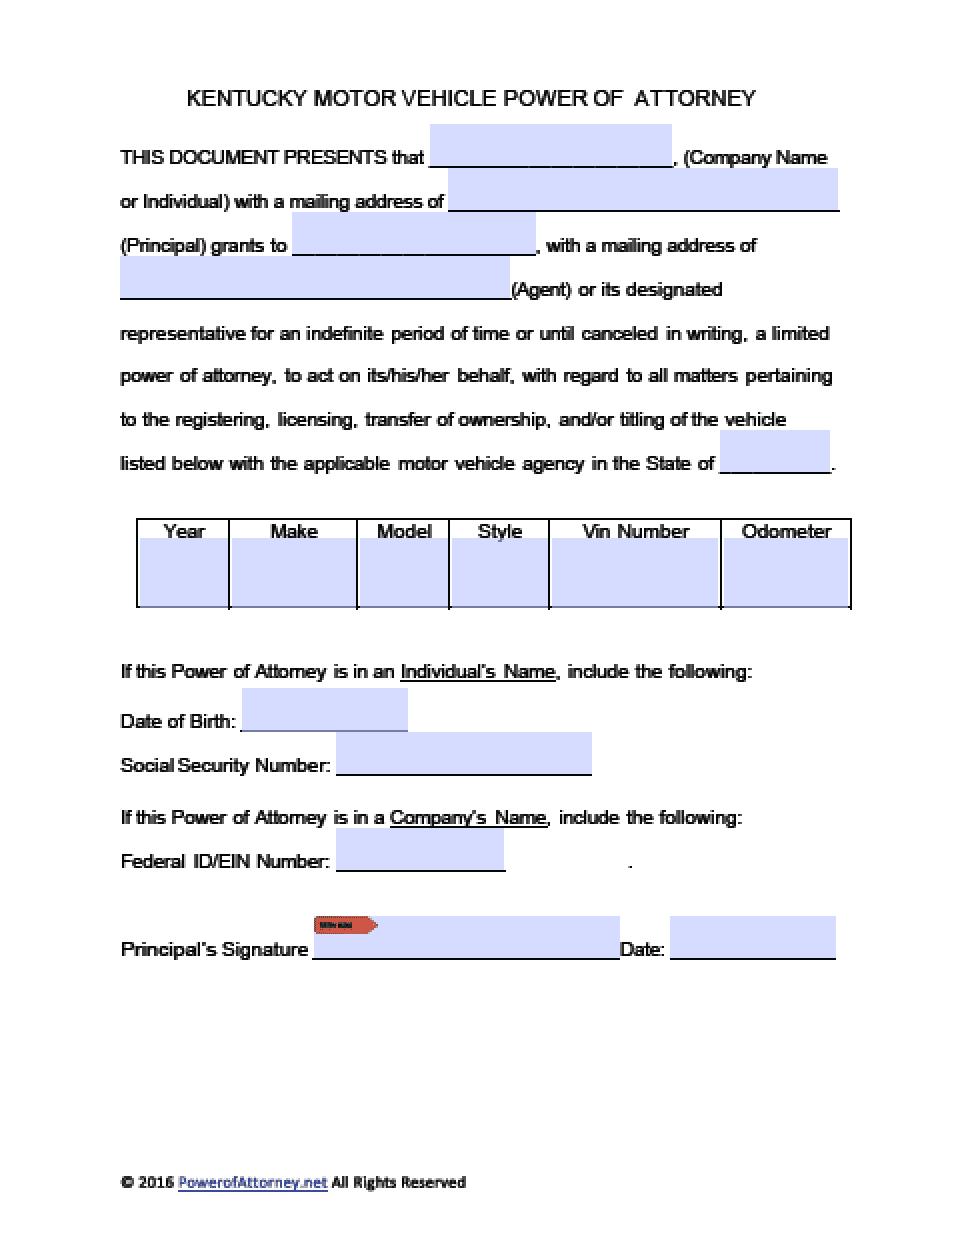 Estate Tax Kentucky